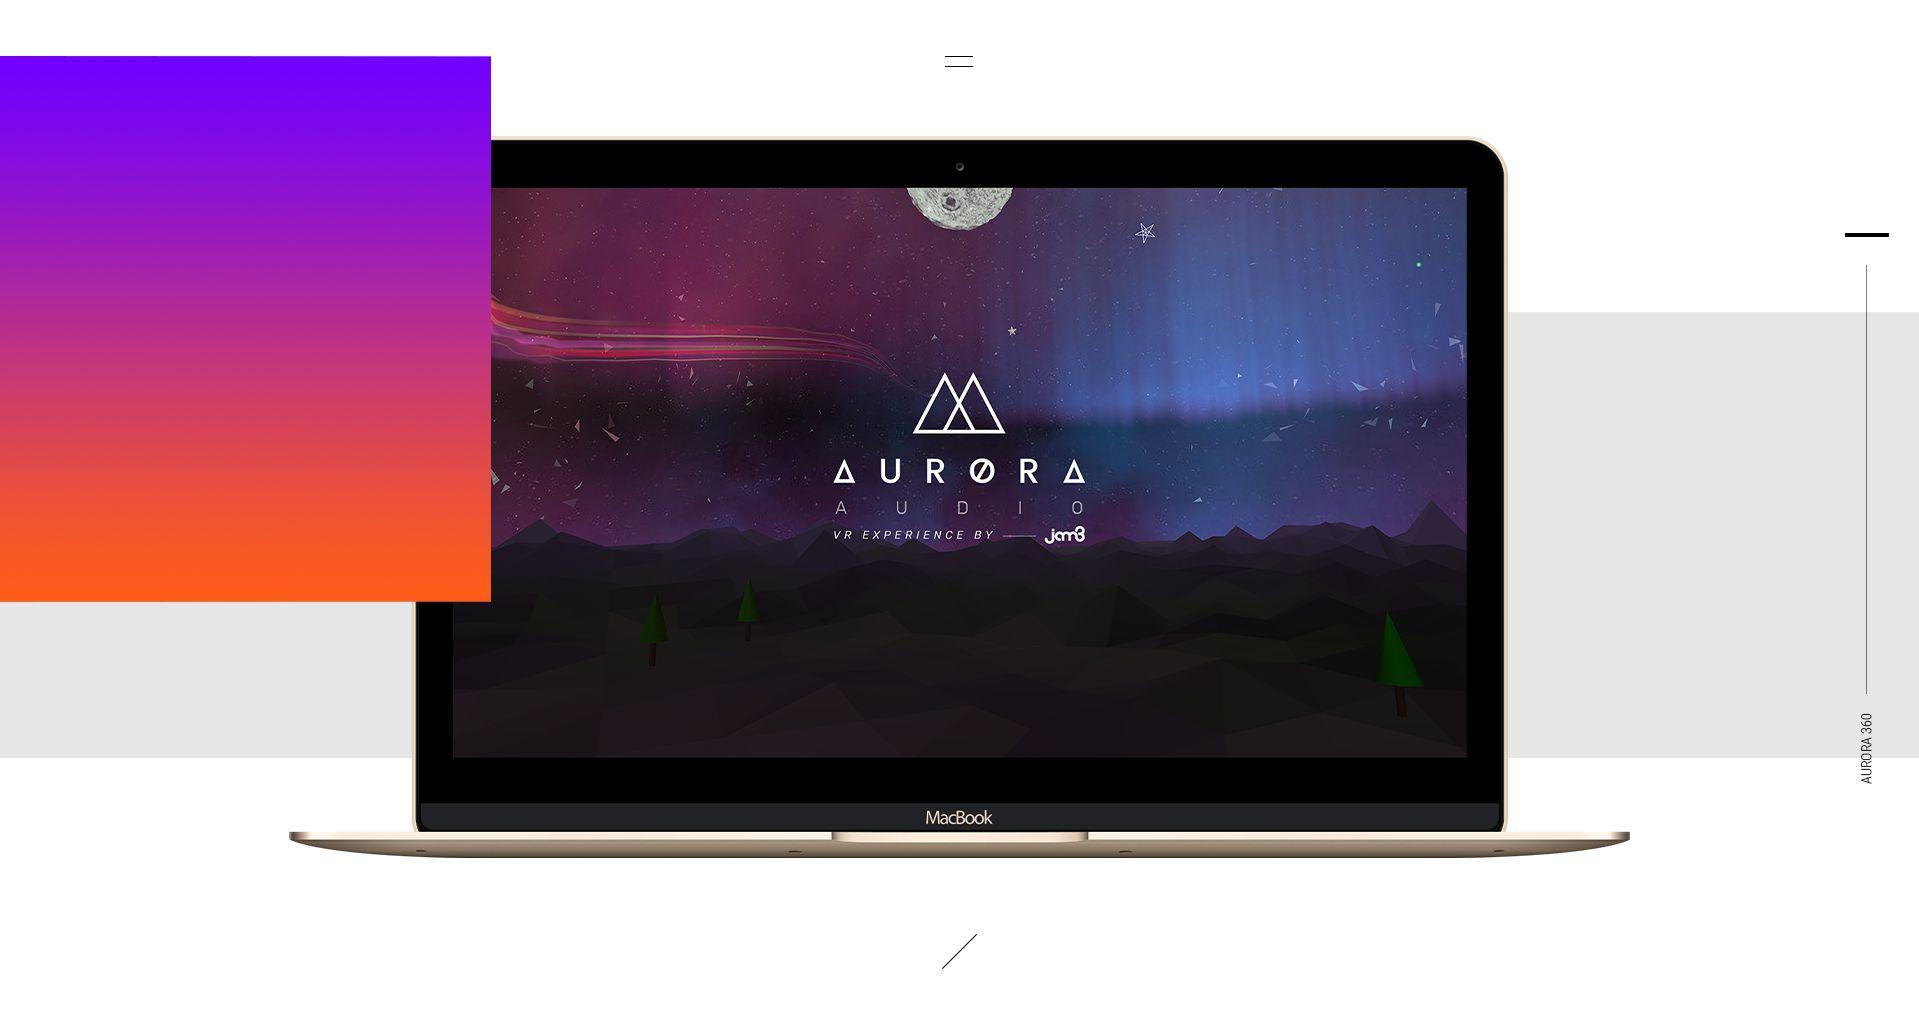 aurora-intro-02.jpg